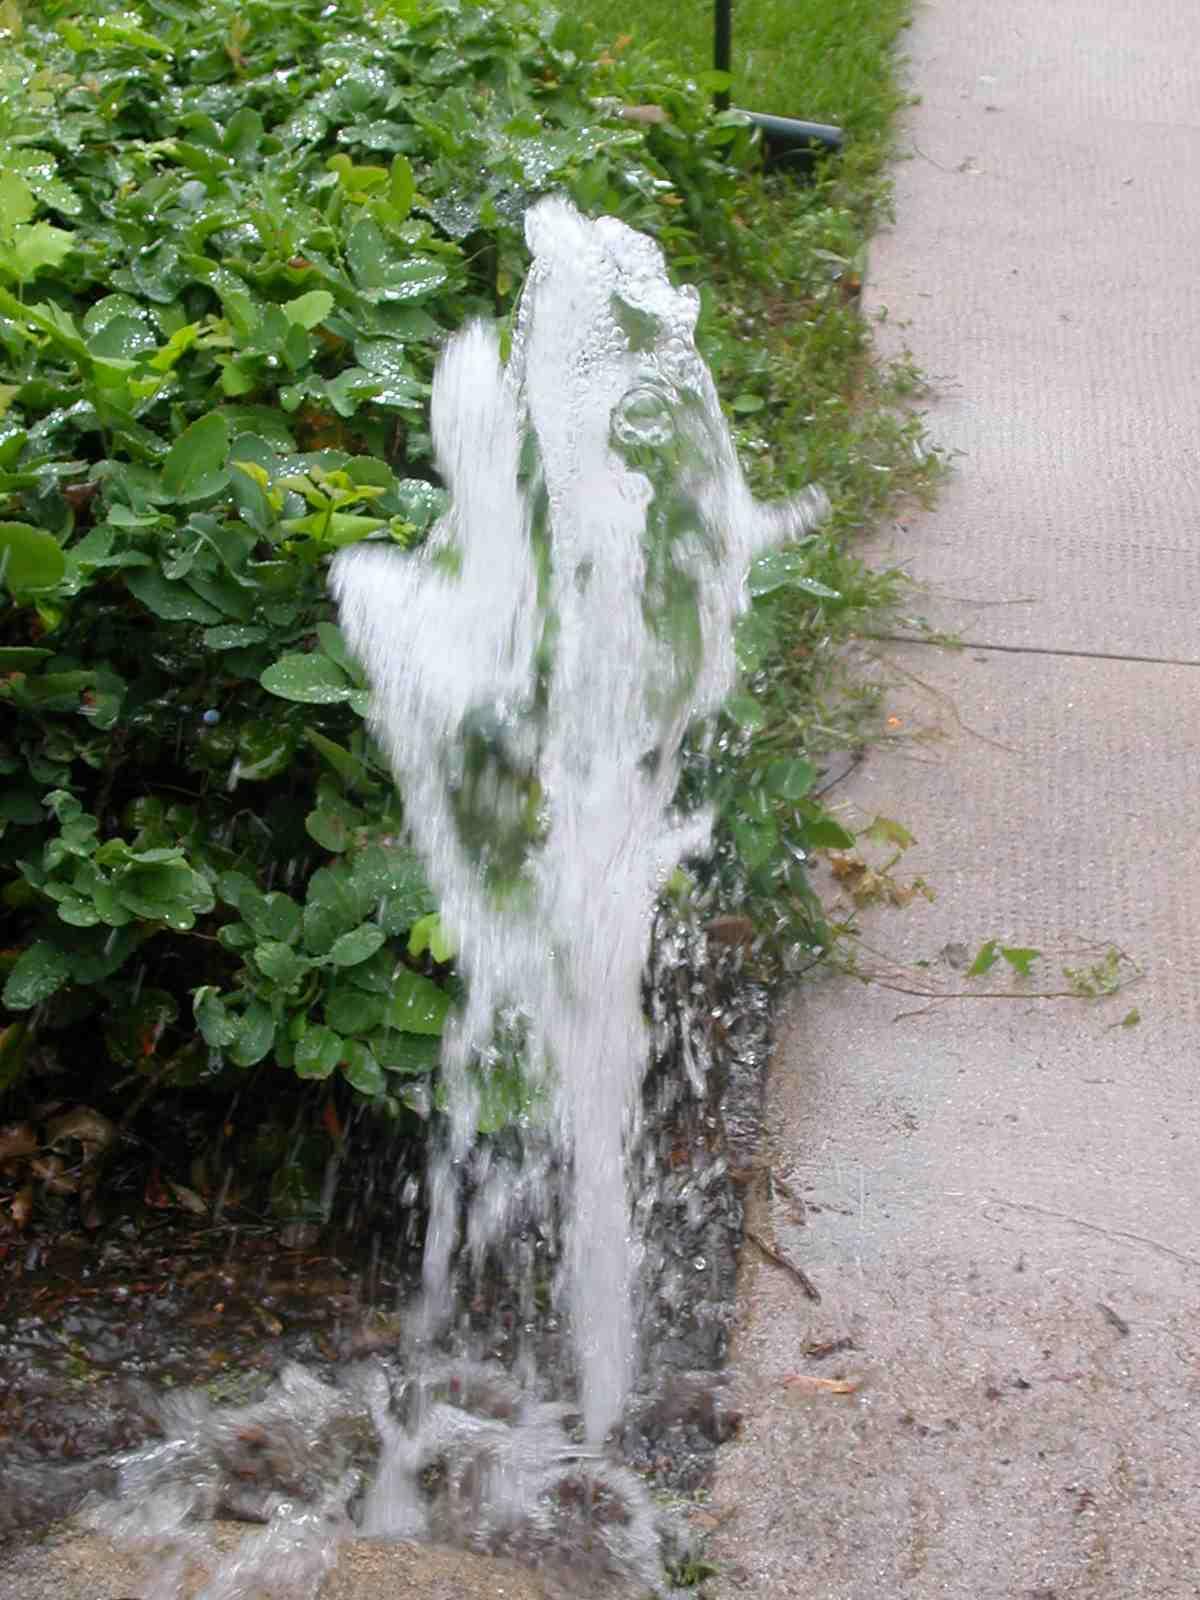 Sprinkler Repair - Folsom Lawn Service